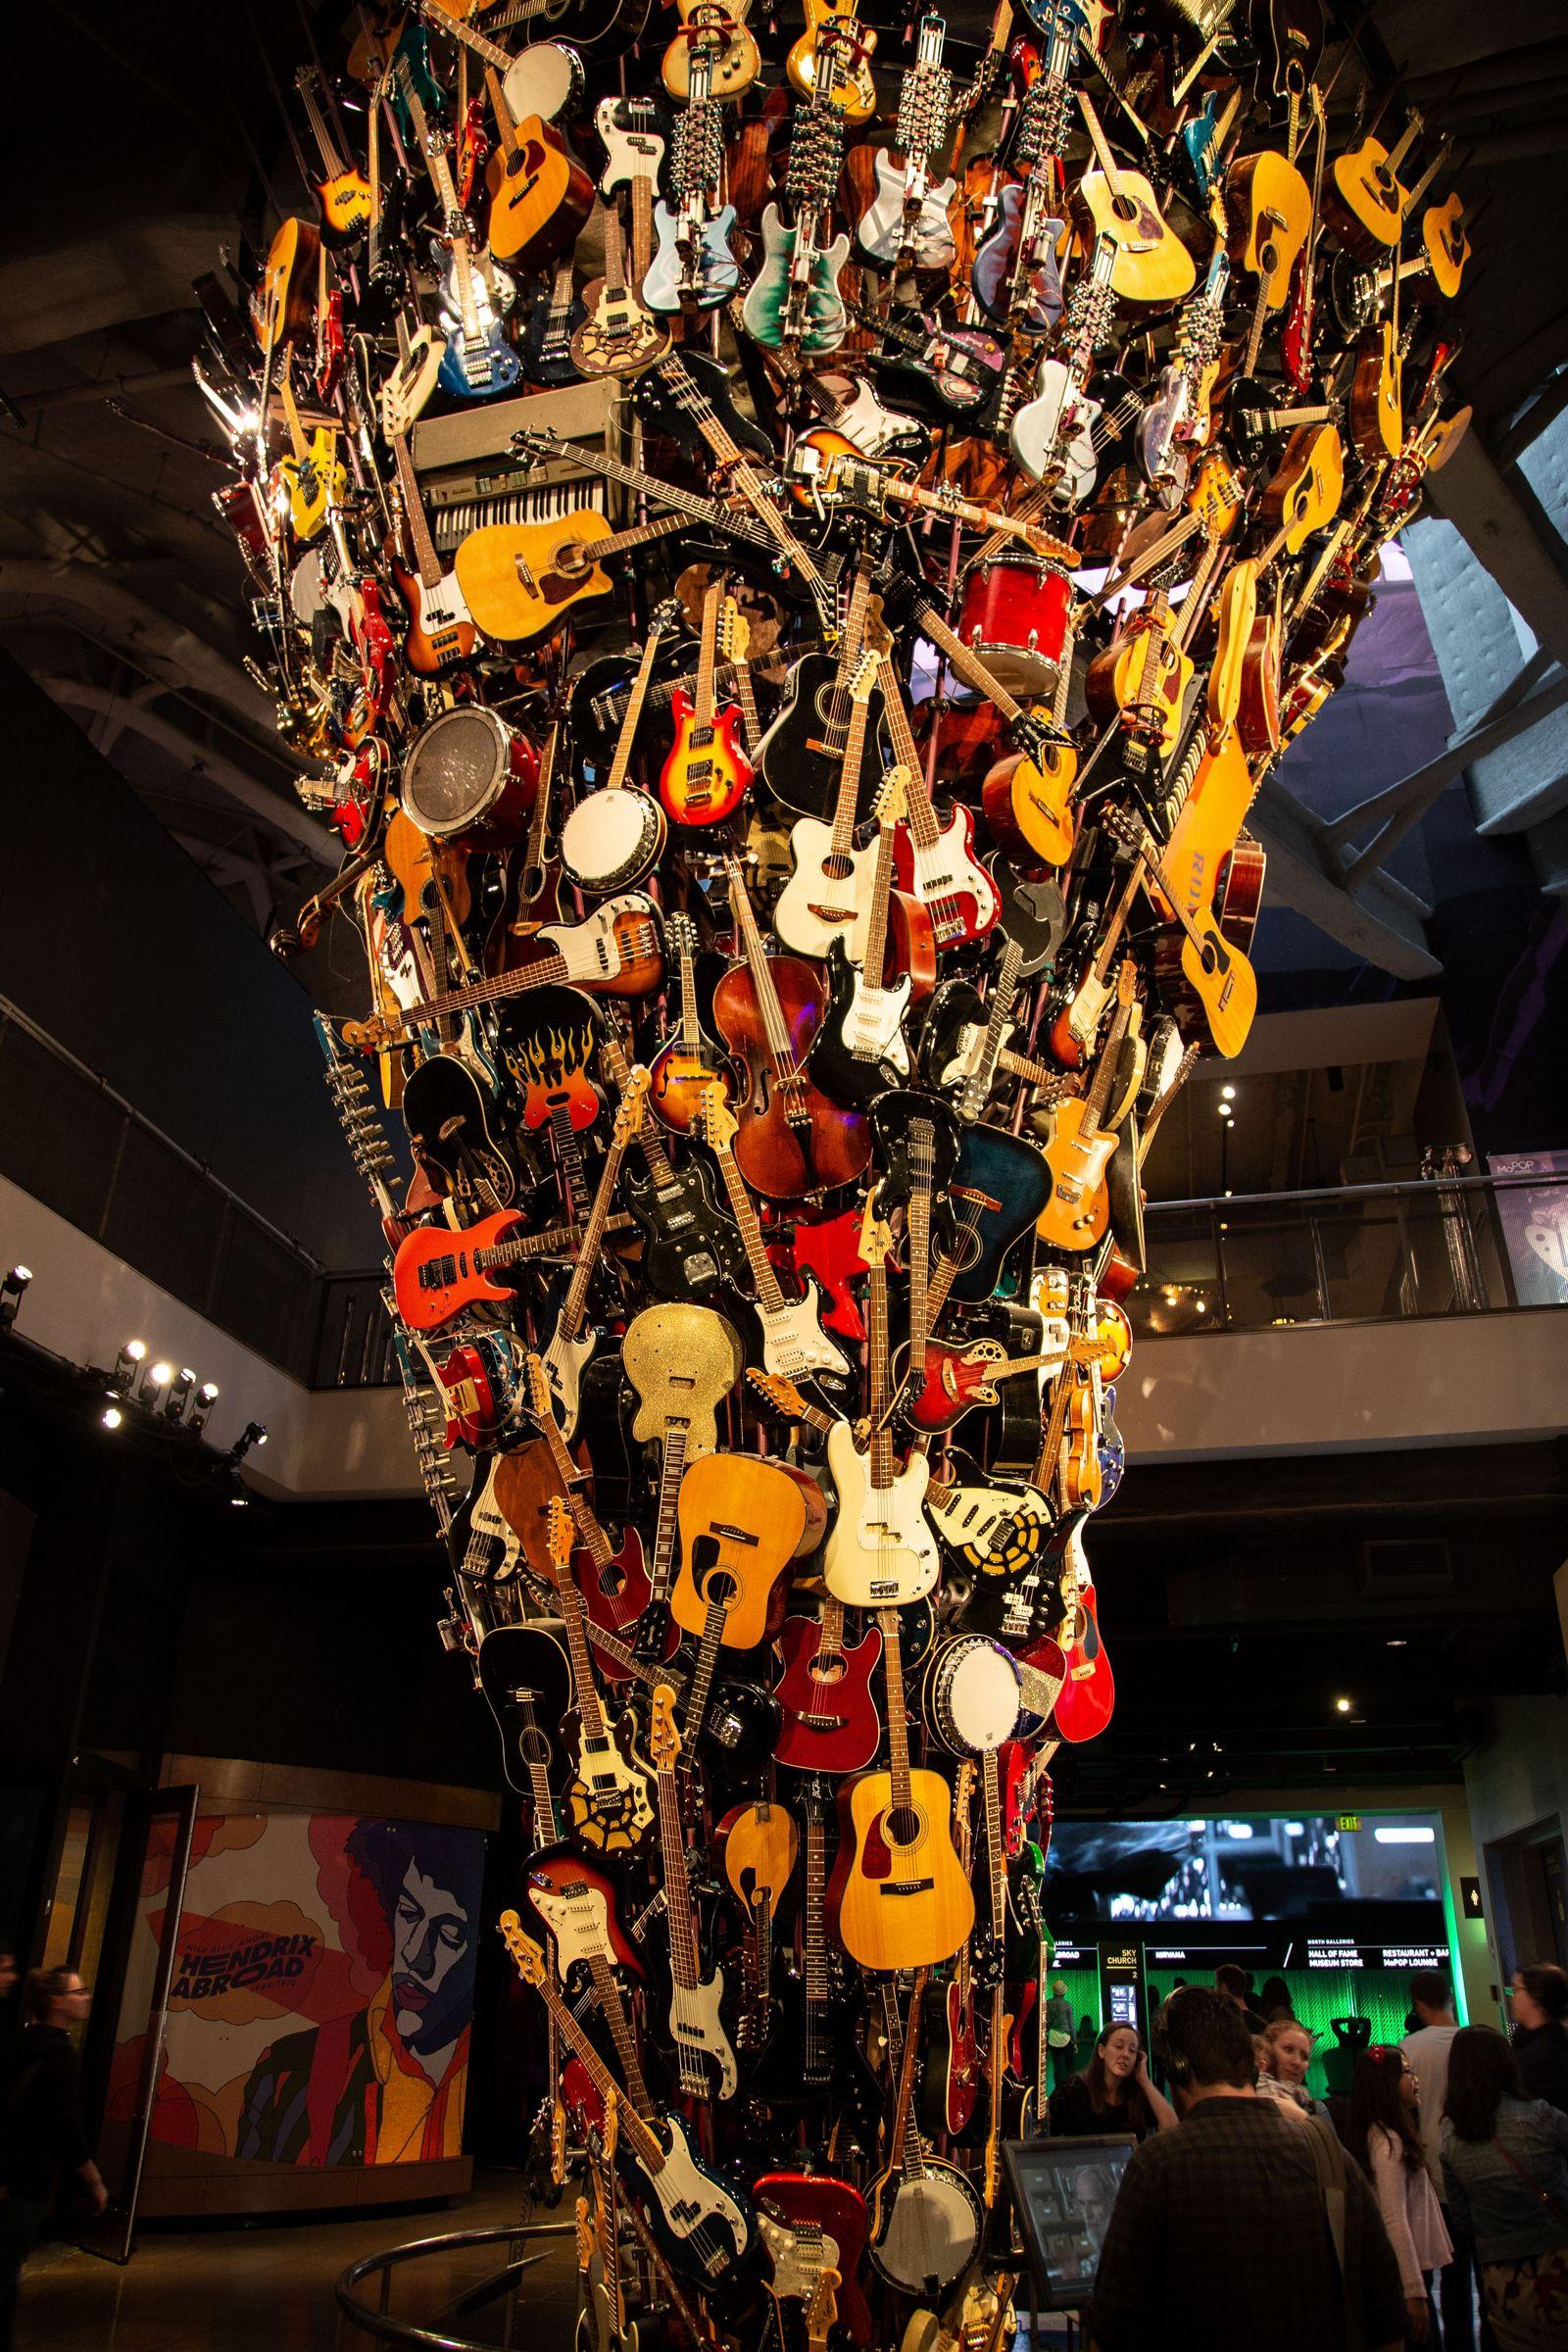 La escultura de guitarras